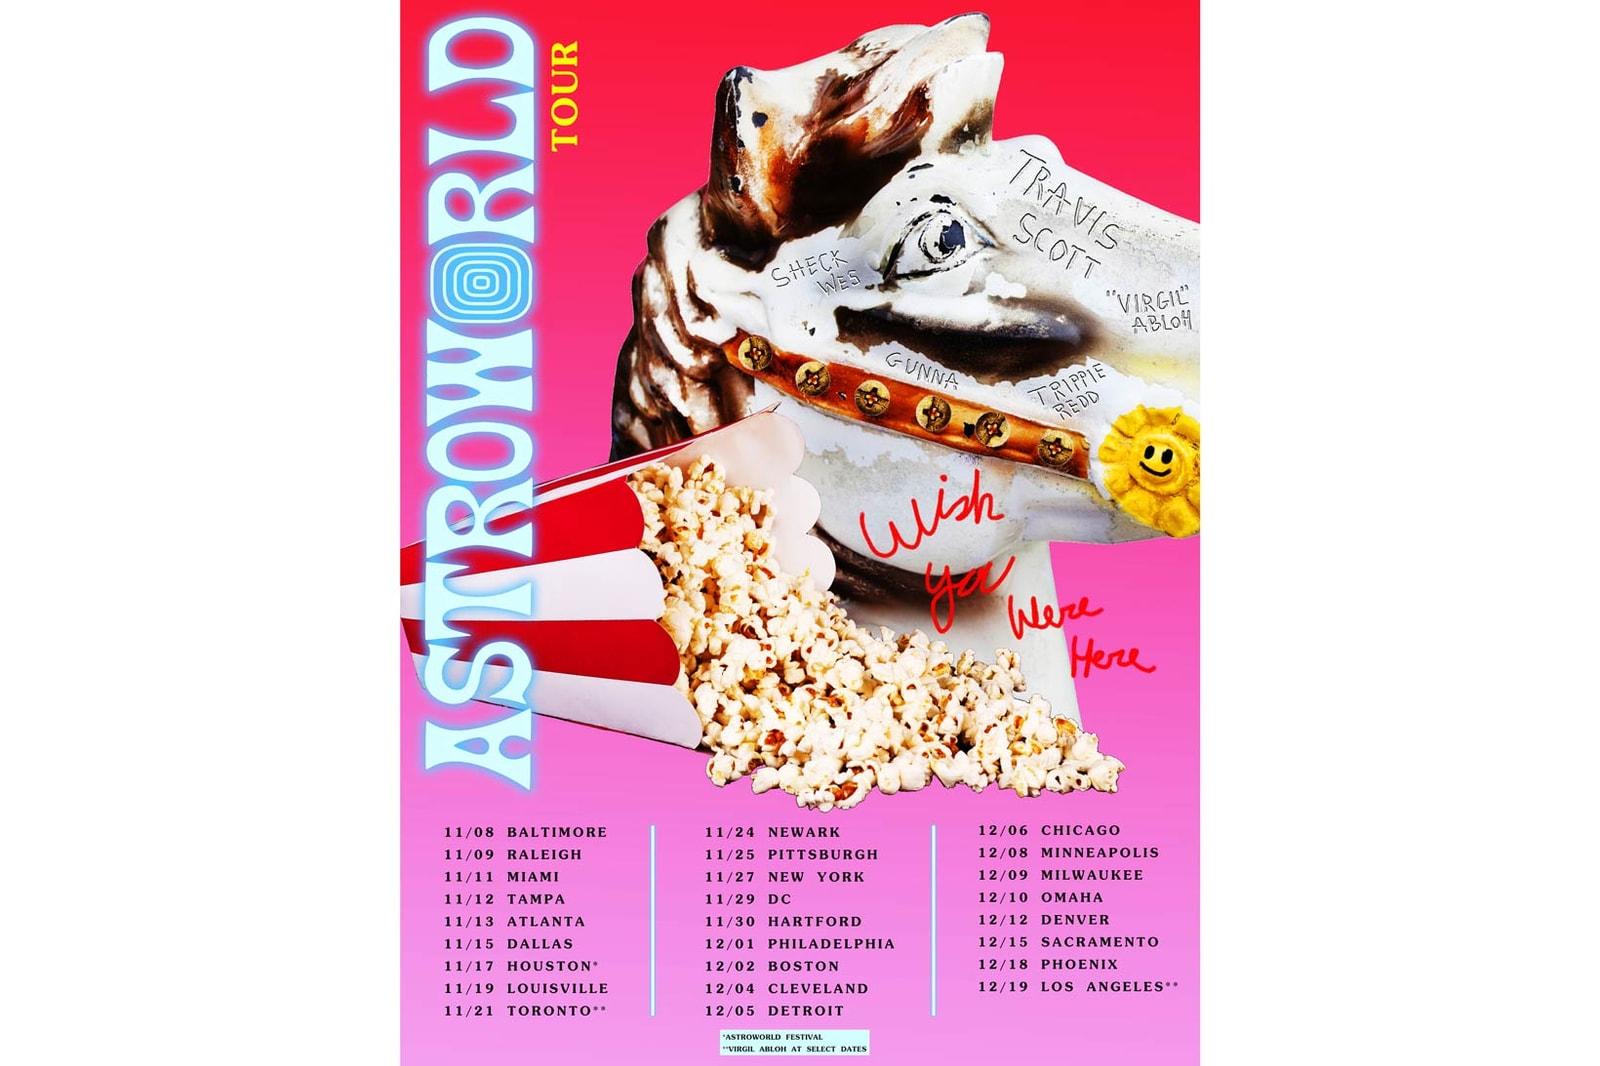 Travis Scott Astroworld Tour Dates